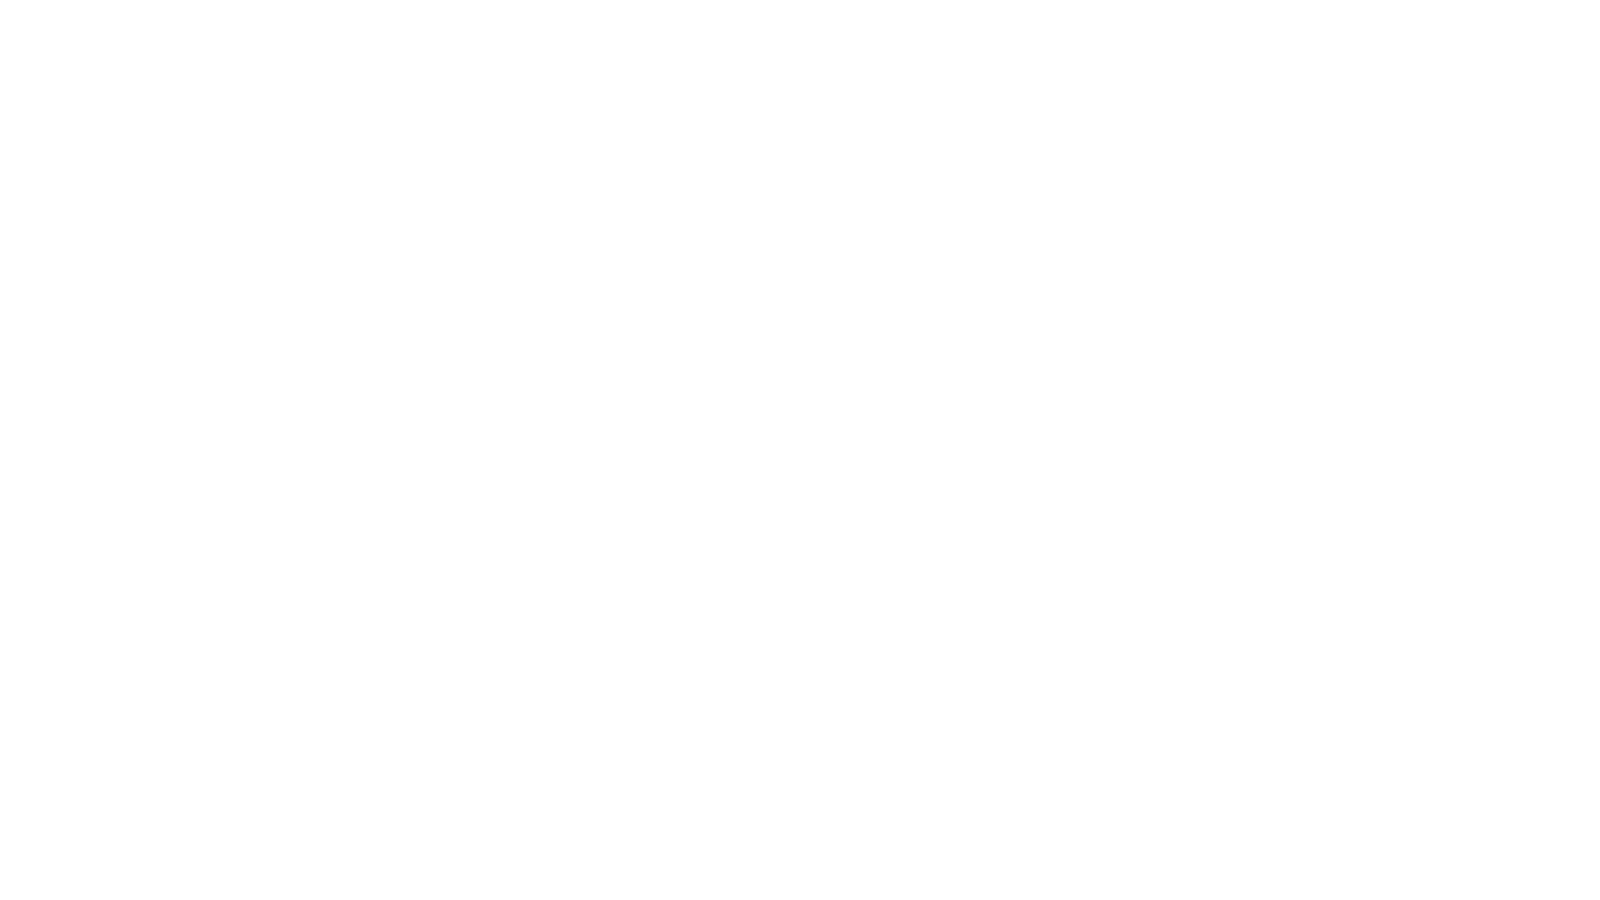 Napoleon Bonaparte døde 5. mai 1821. Han er en av verdens mest kjente generaler og statsledere. Per Aage Pleym Christensen som er tidligere redaktør for Liberaleren, samtaler om mannen og hans innflytelse.  Bent Johans hjørne spilles inn i biblioteket til Liberalerens redaktør, Bent Johan Mosfjell. Ulike gjester samtaler om emner som forhåpentligvis er av interesse for liberale mennesker. Husk å abonnere!